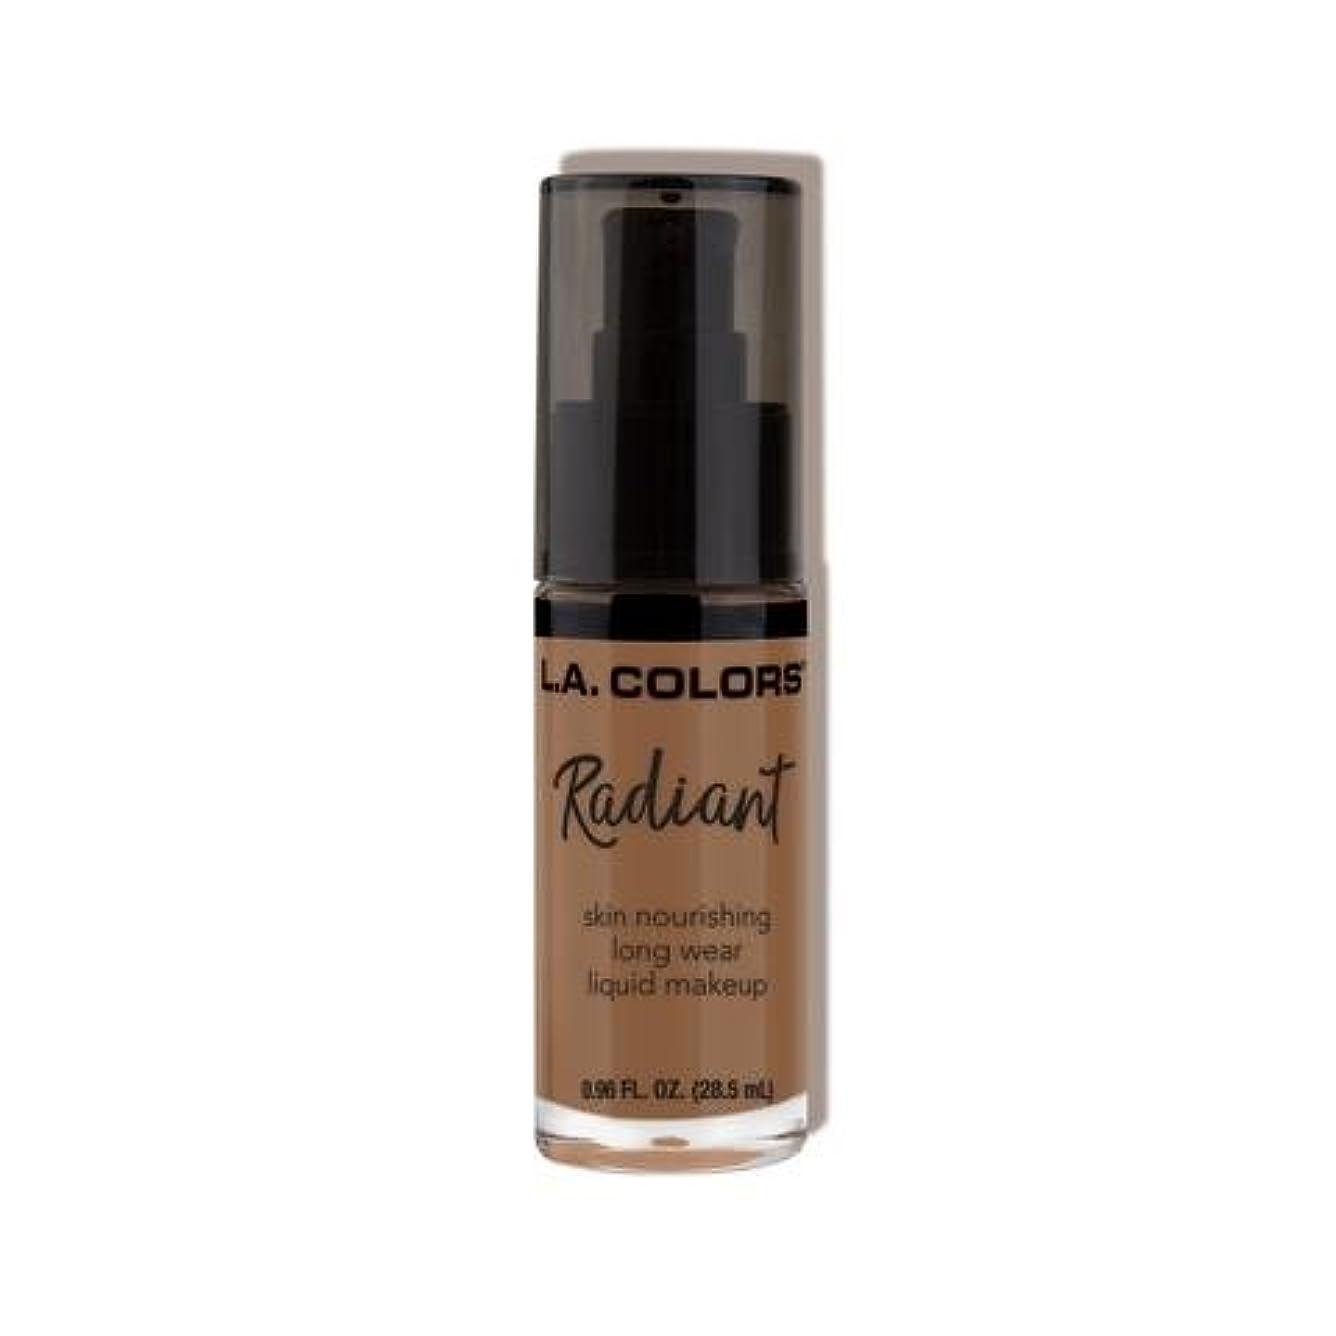 三角形まあ超える(3 Pack) L.A. COLORS Radiant Liquid Makeup - Mocha (並行輸入品)